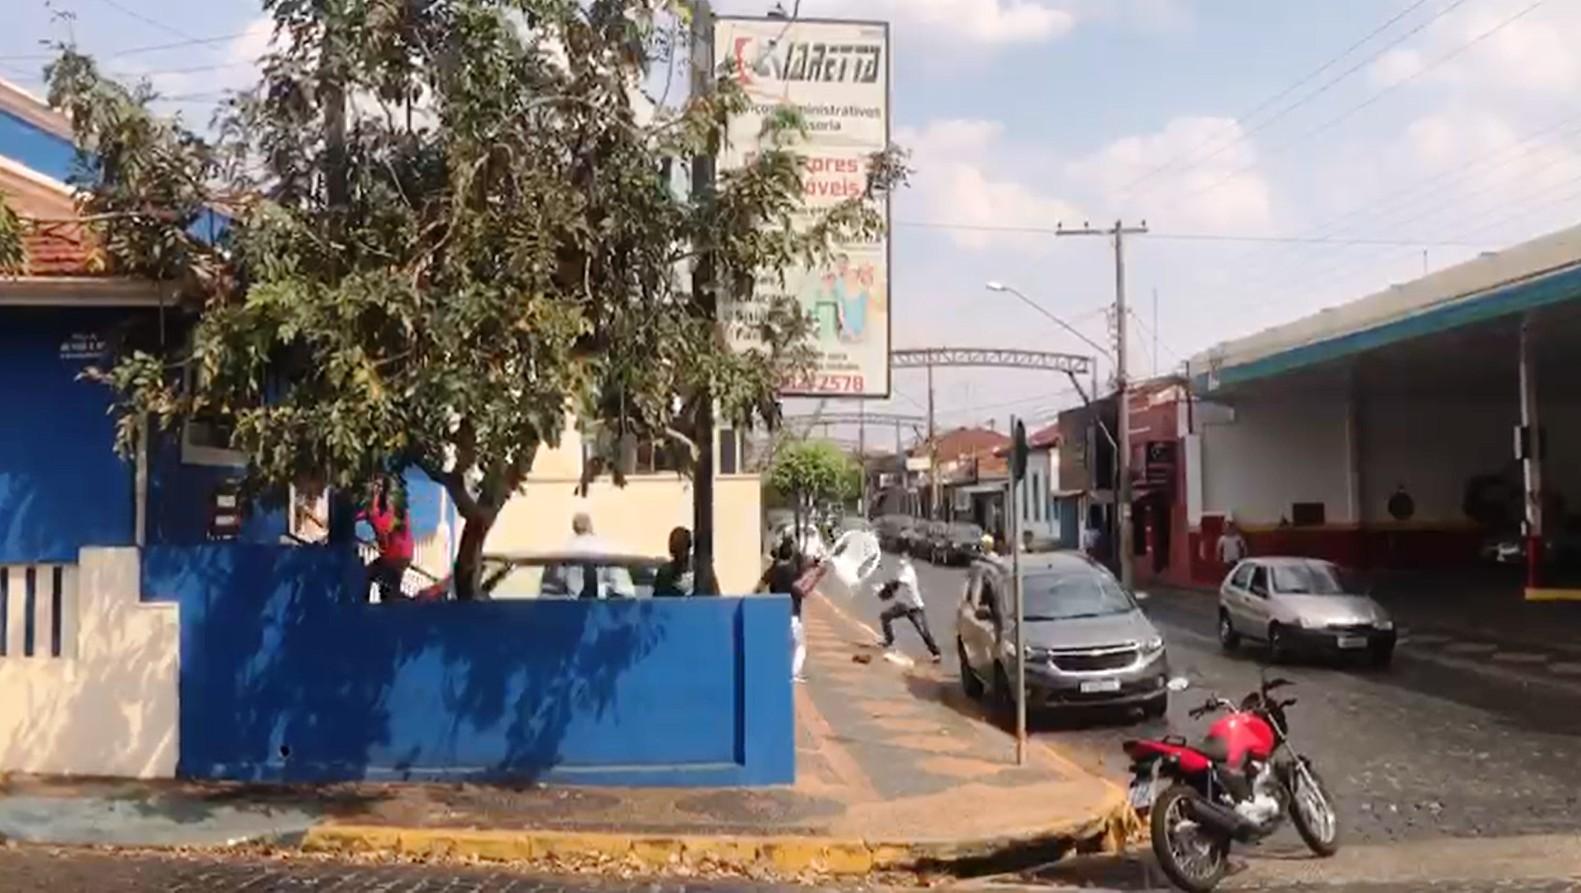 VÍDEO: mulher reage a tentativa de assalto e suspeito é agredido por moradores em Santa Rita